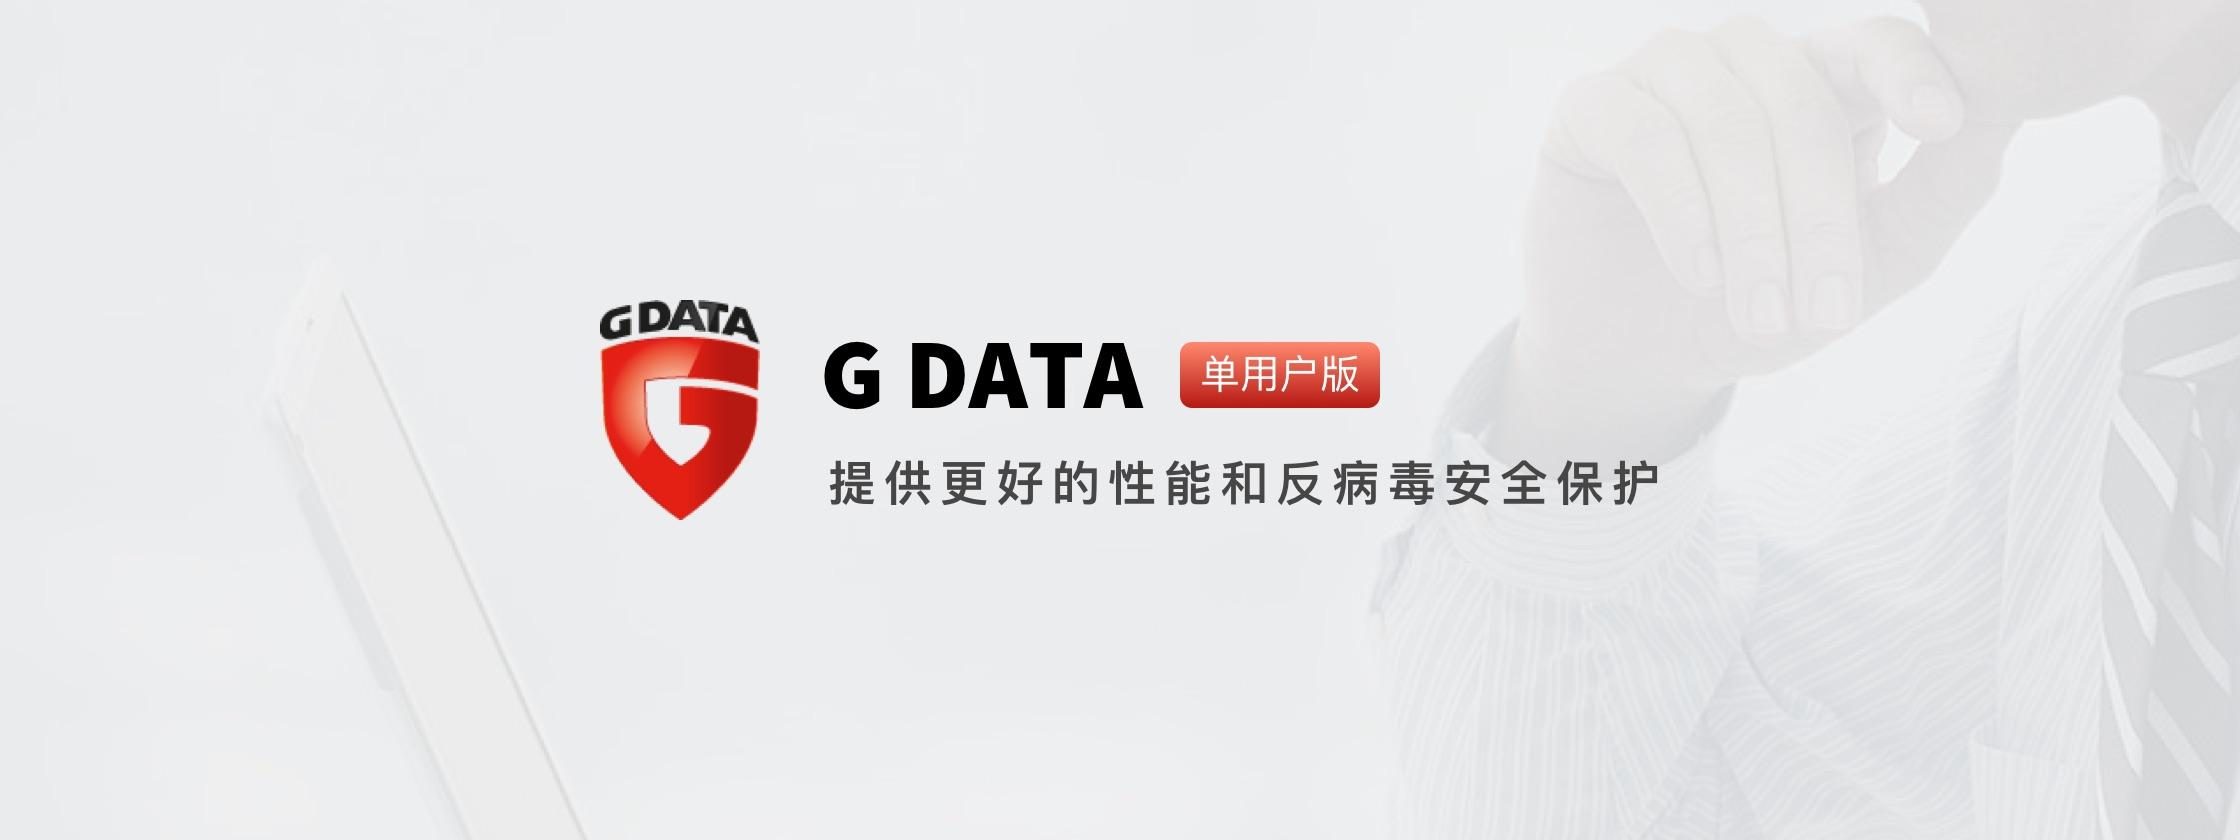 G DATA 系列杀毒工具,为你提供更好的性能和更专业的反勒索软件保护